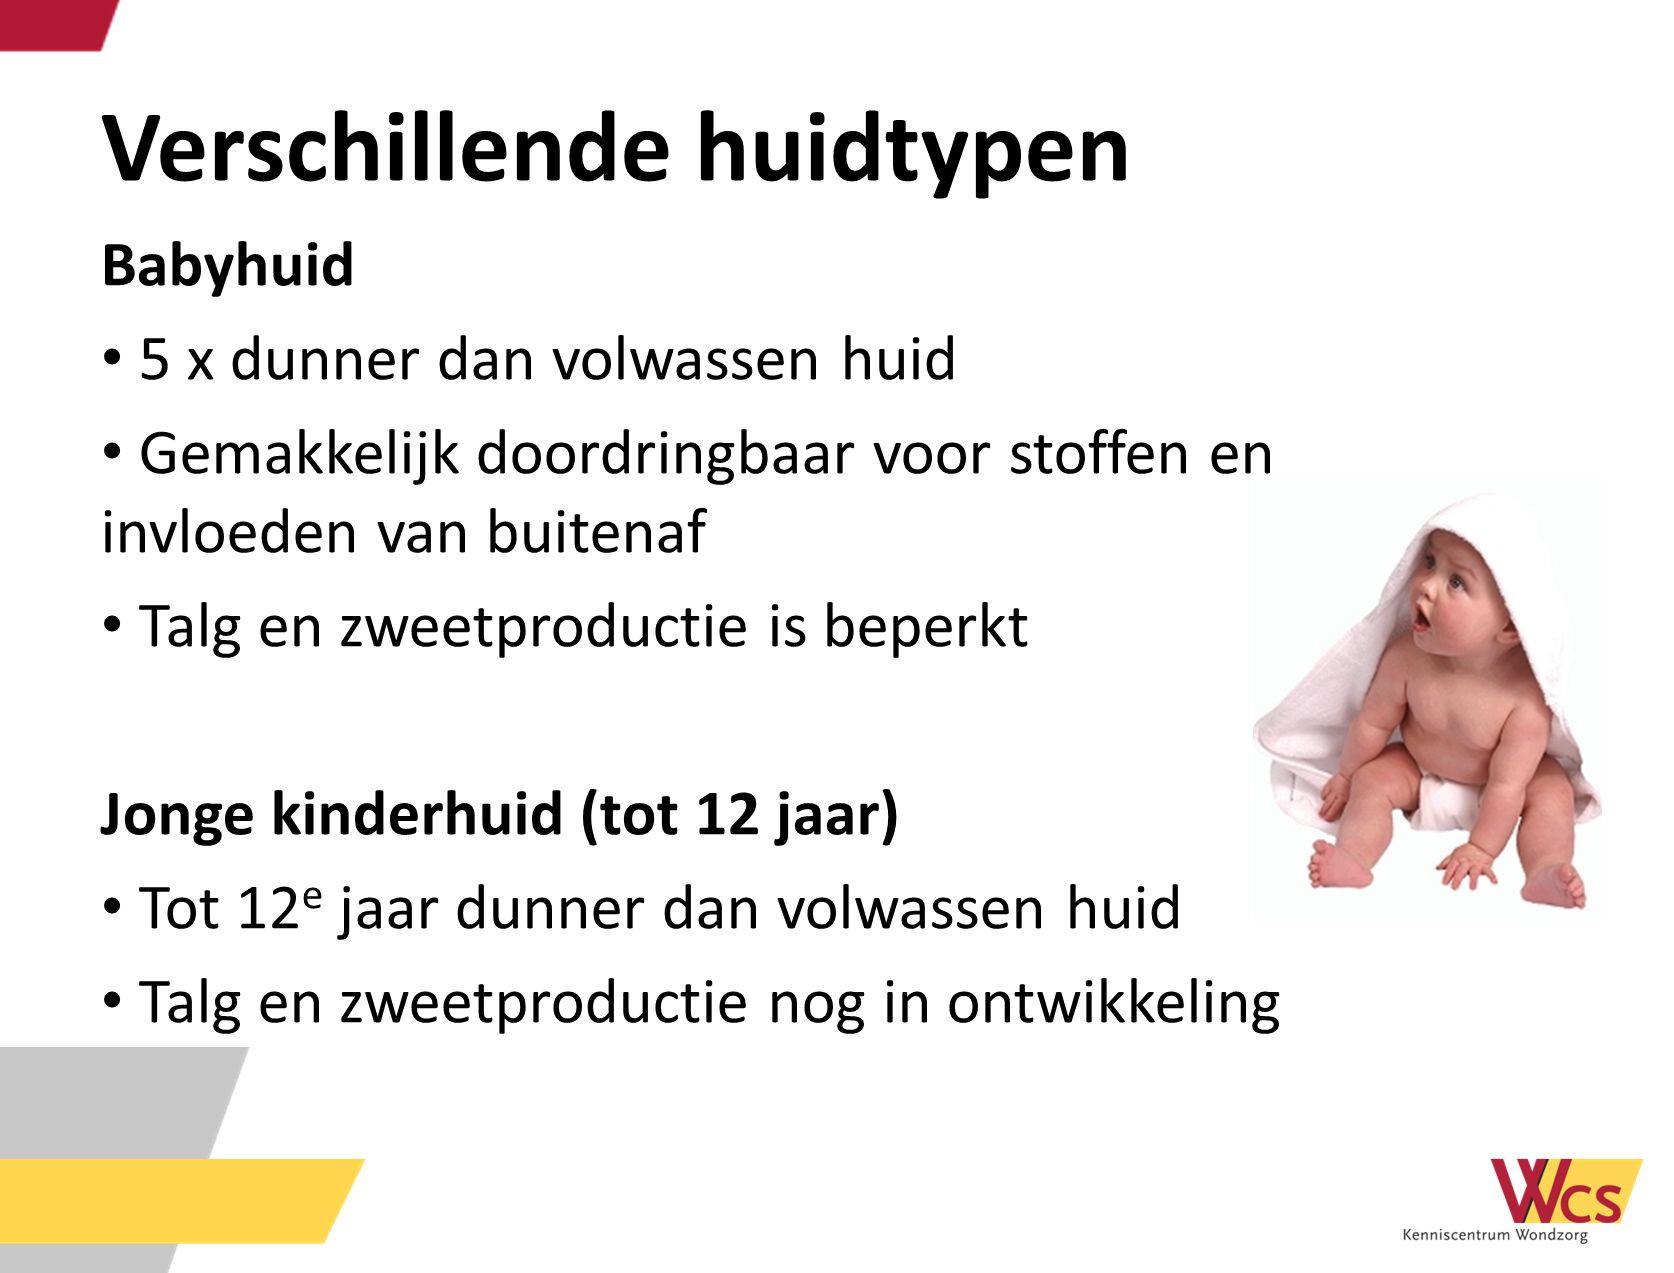 Verschillende huidtypen Babyhuid 5 x dunner dan volwassen huid Gemakkelijk doordringbaar voor stoffen en invloeden van buitenaf Talg en zweetproductie